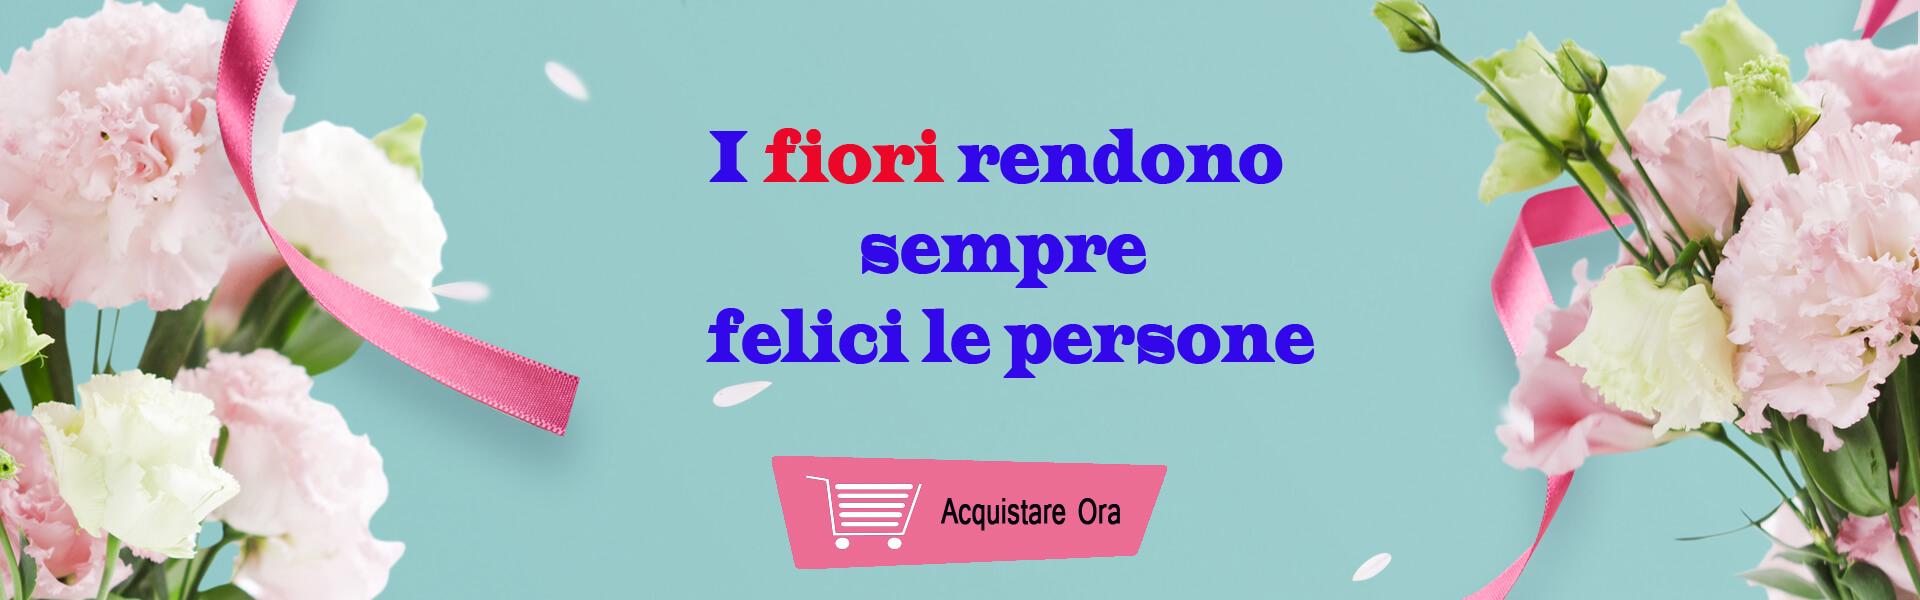 inviare fiori in italia